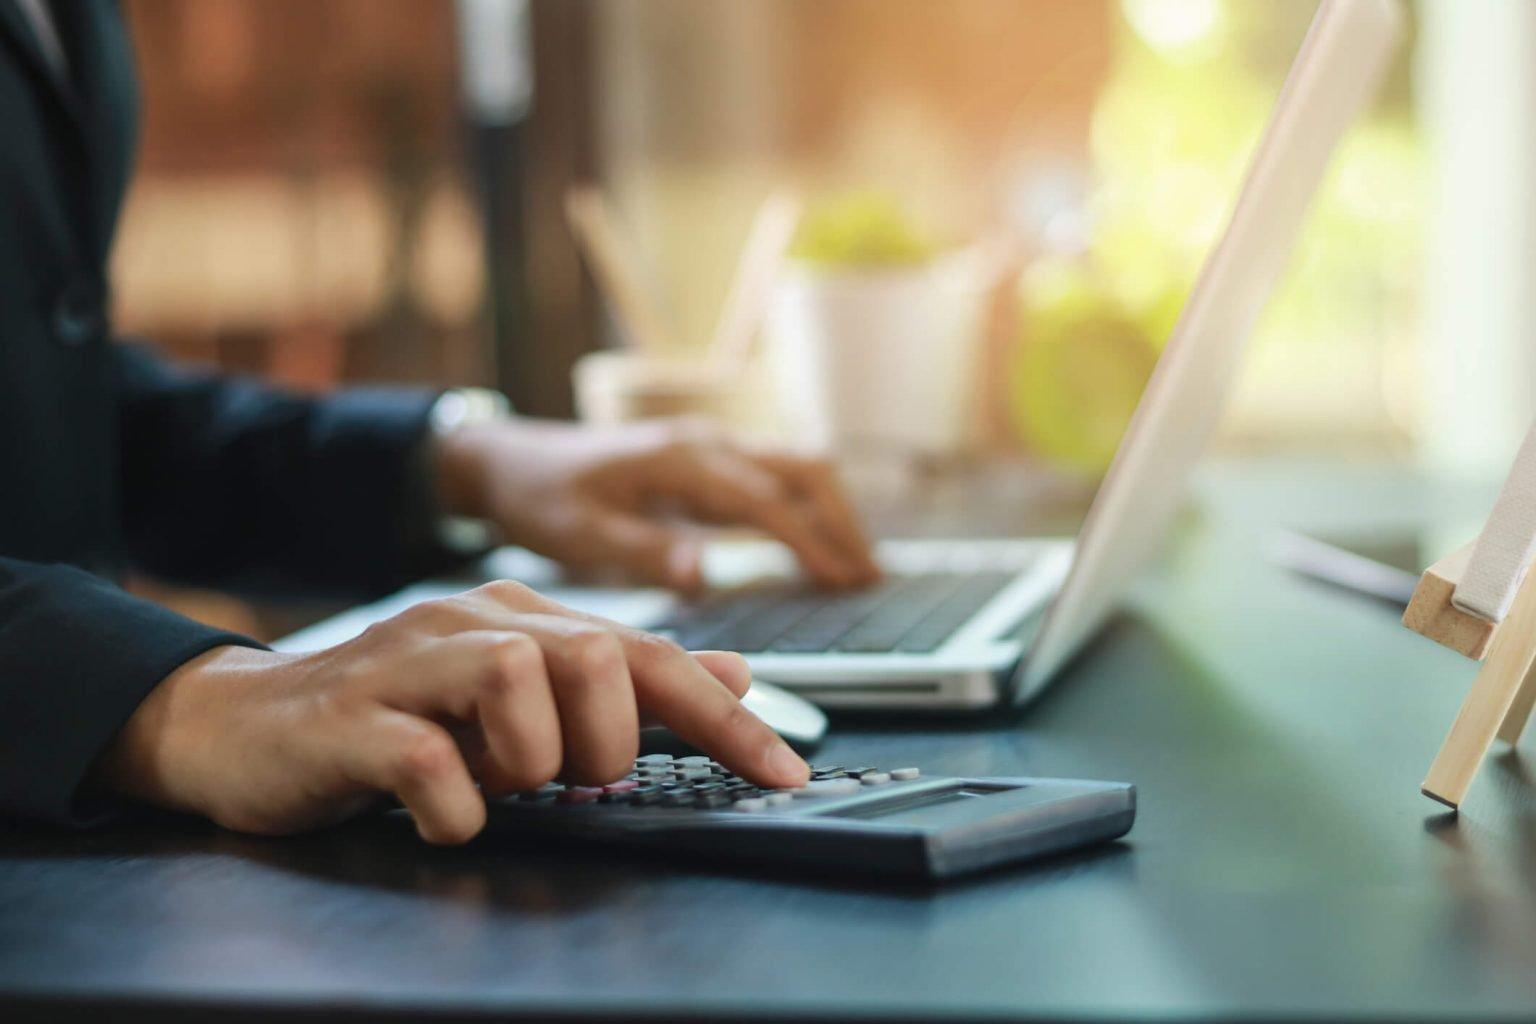 Não sabe como reduzir gastos com telecom? Confira 6 dicas ideais!